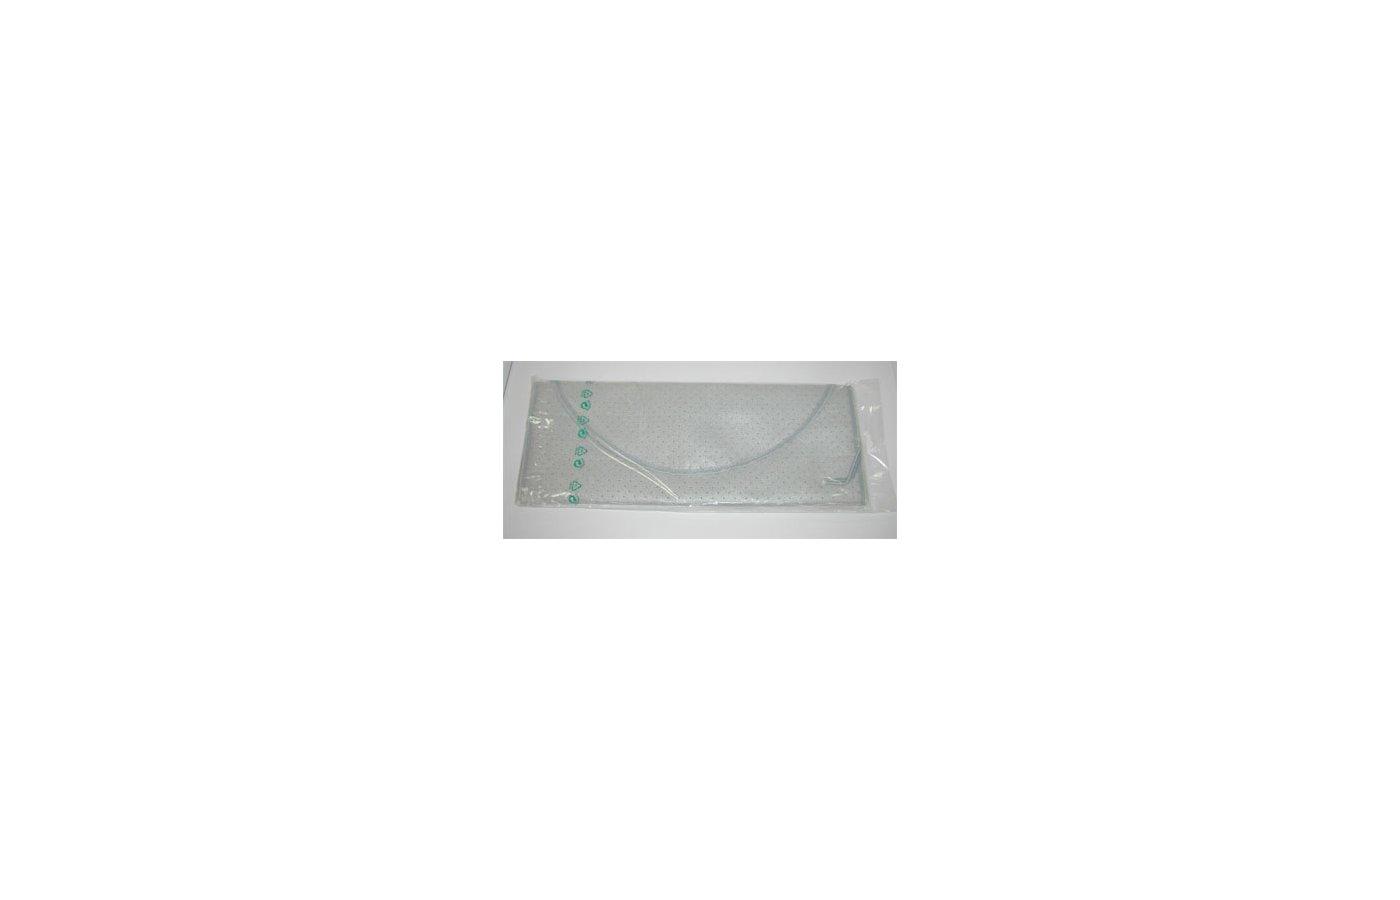 Чехлы и принадлежности для глажки PRISMA Чехол термост. 130х54 см